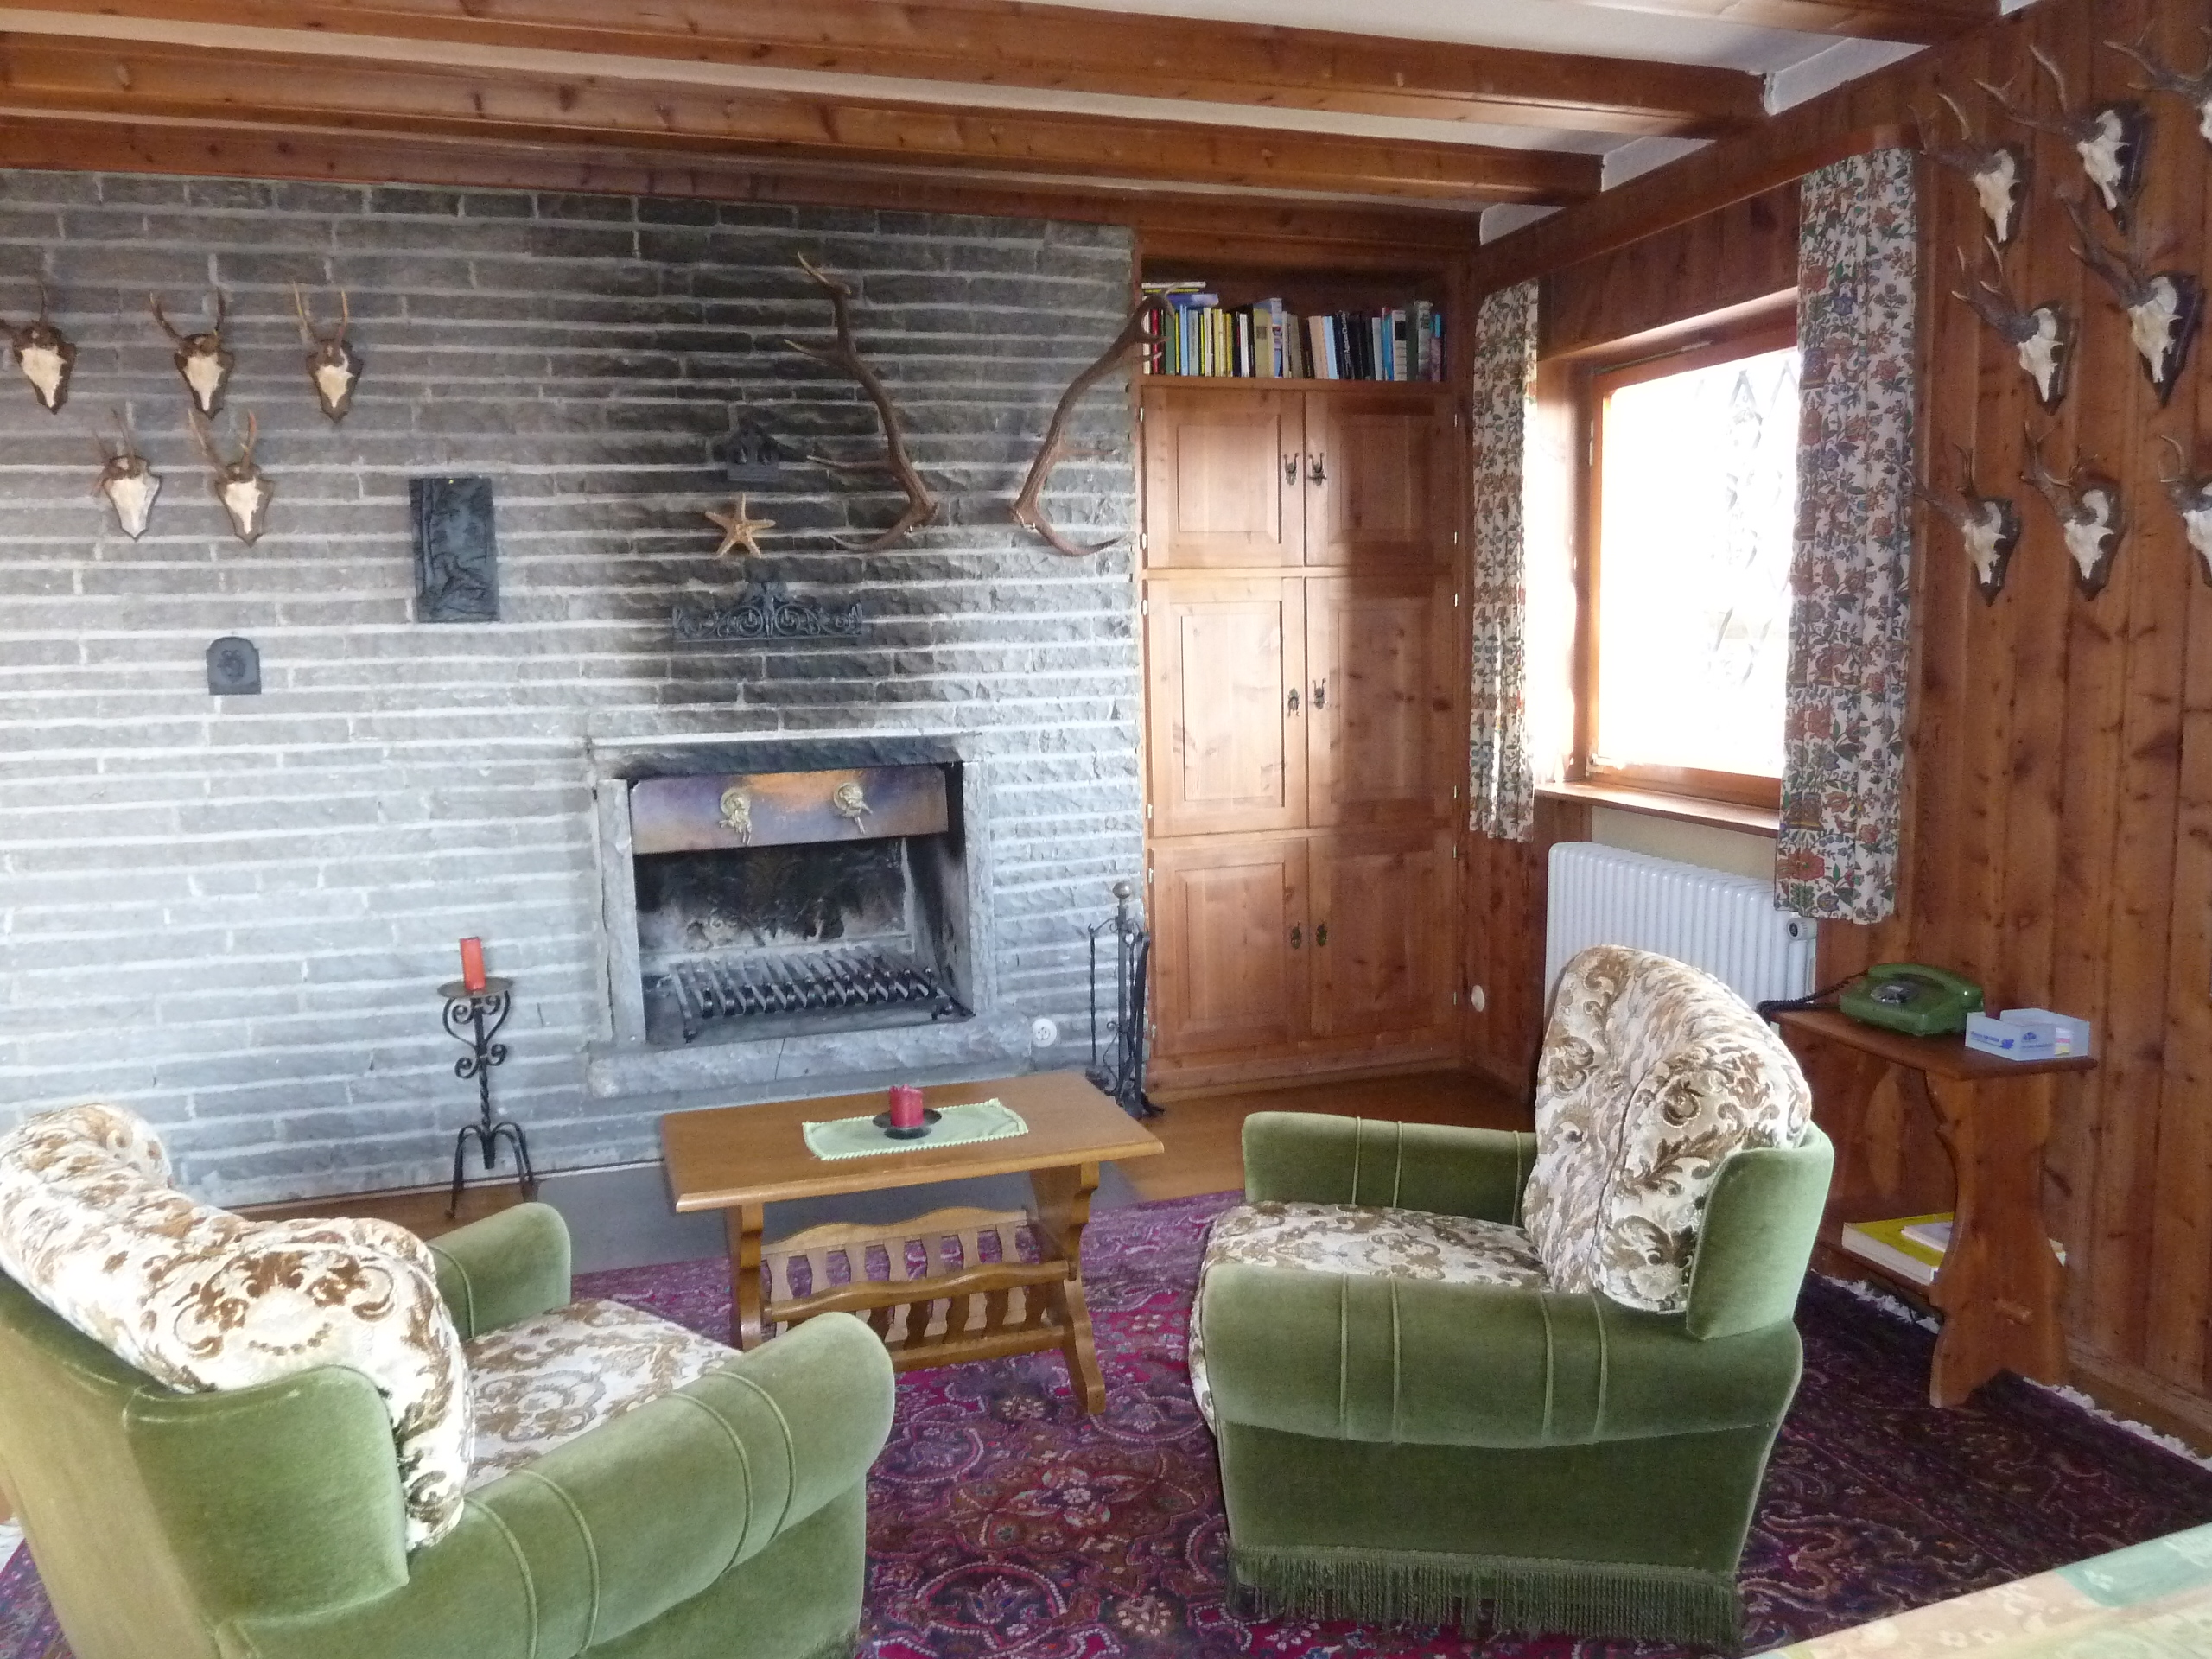 sitzecke kamin wohnliche einrichtungsideen, kamin und sessel, Design ideen